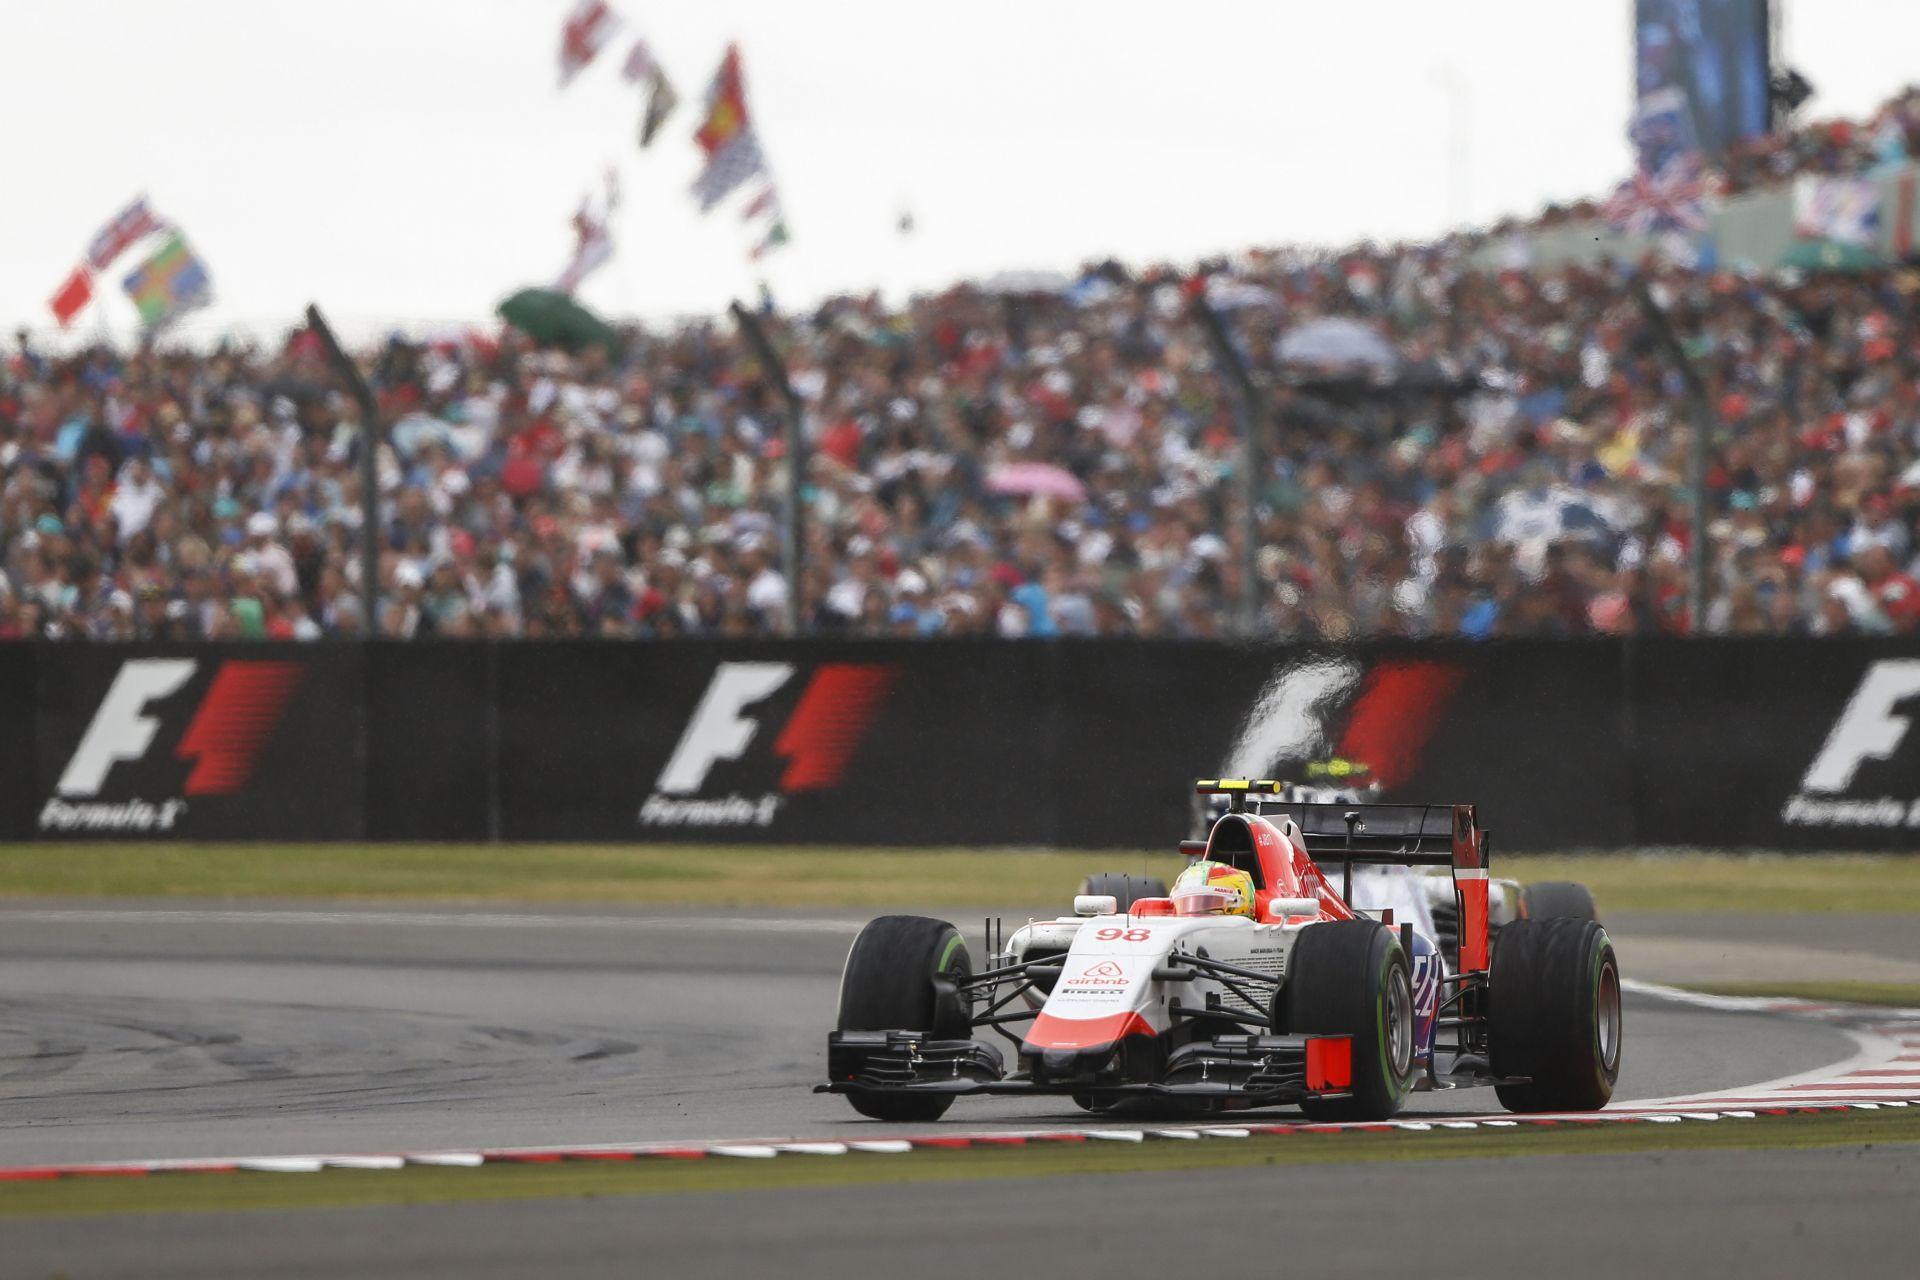 A Manor F1 Teamnek majdnem meglettek az első pontjai Silverstone-ban